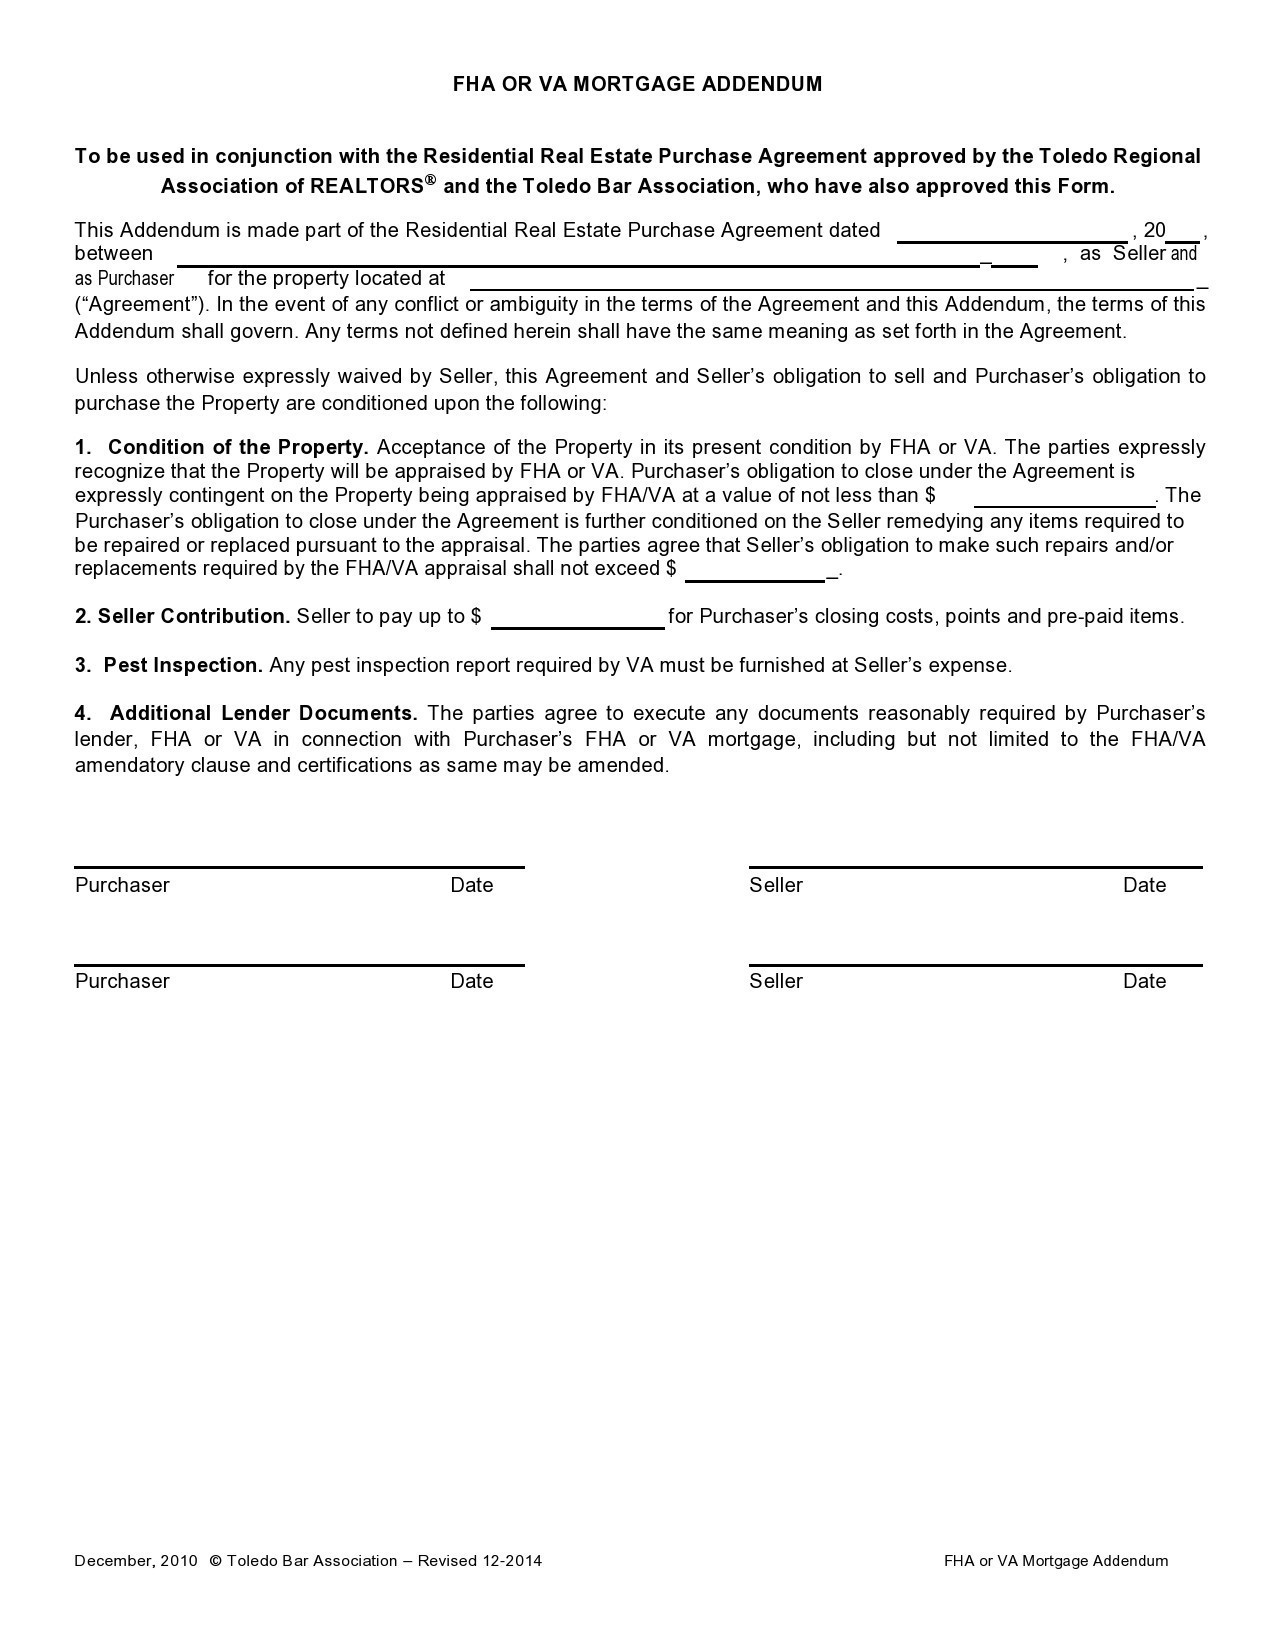 Free third party financing addendum 24